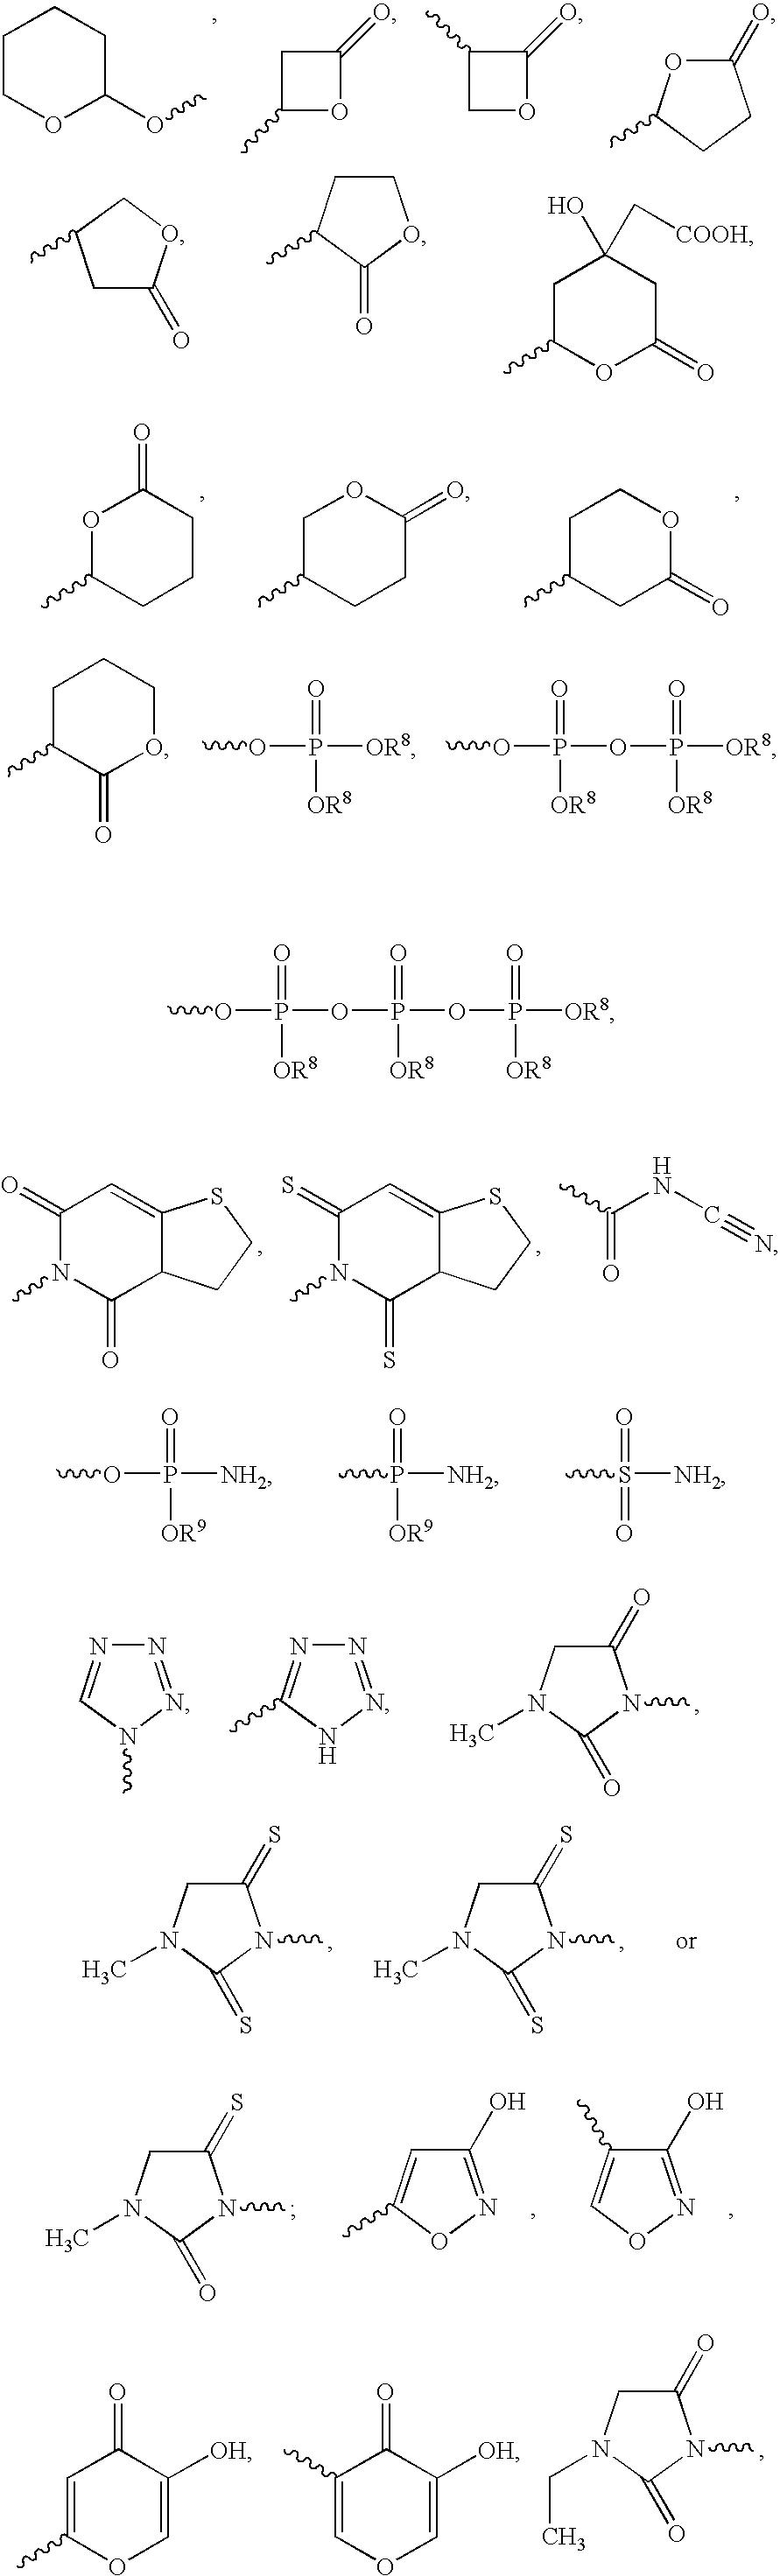 Figure US20040192771A1-20040930-C00028